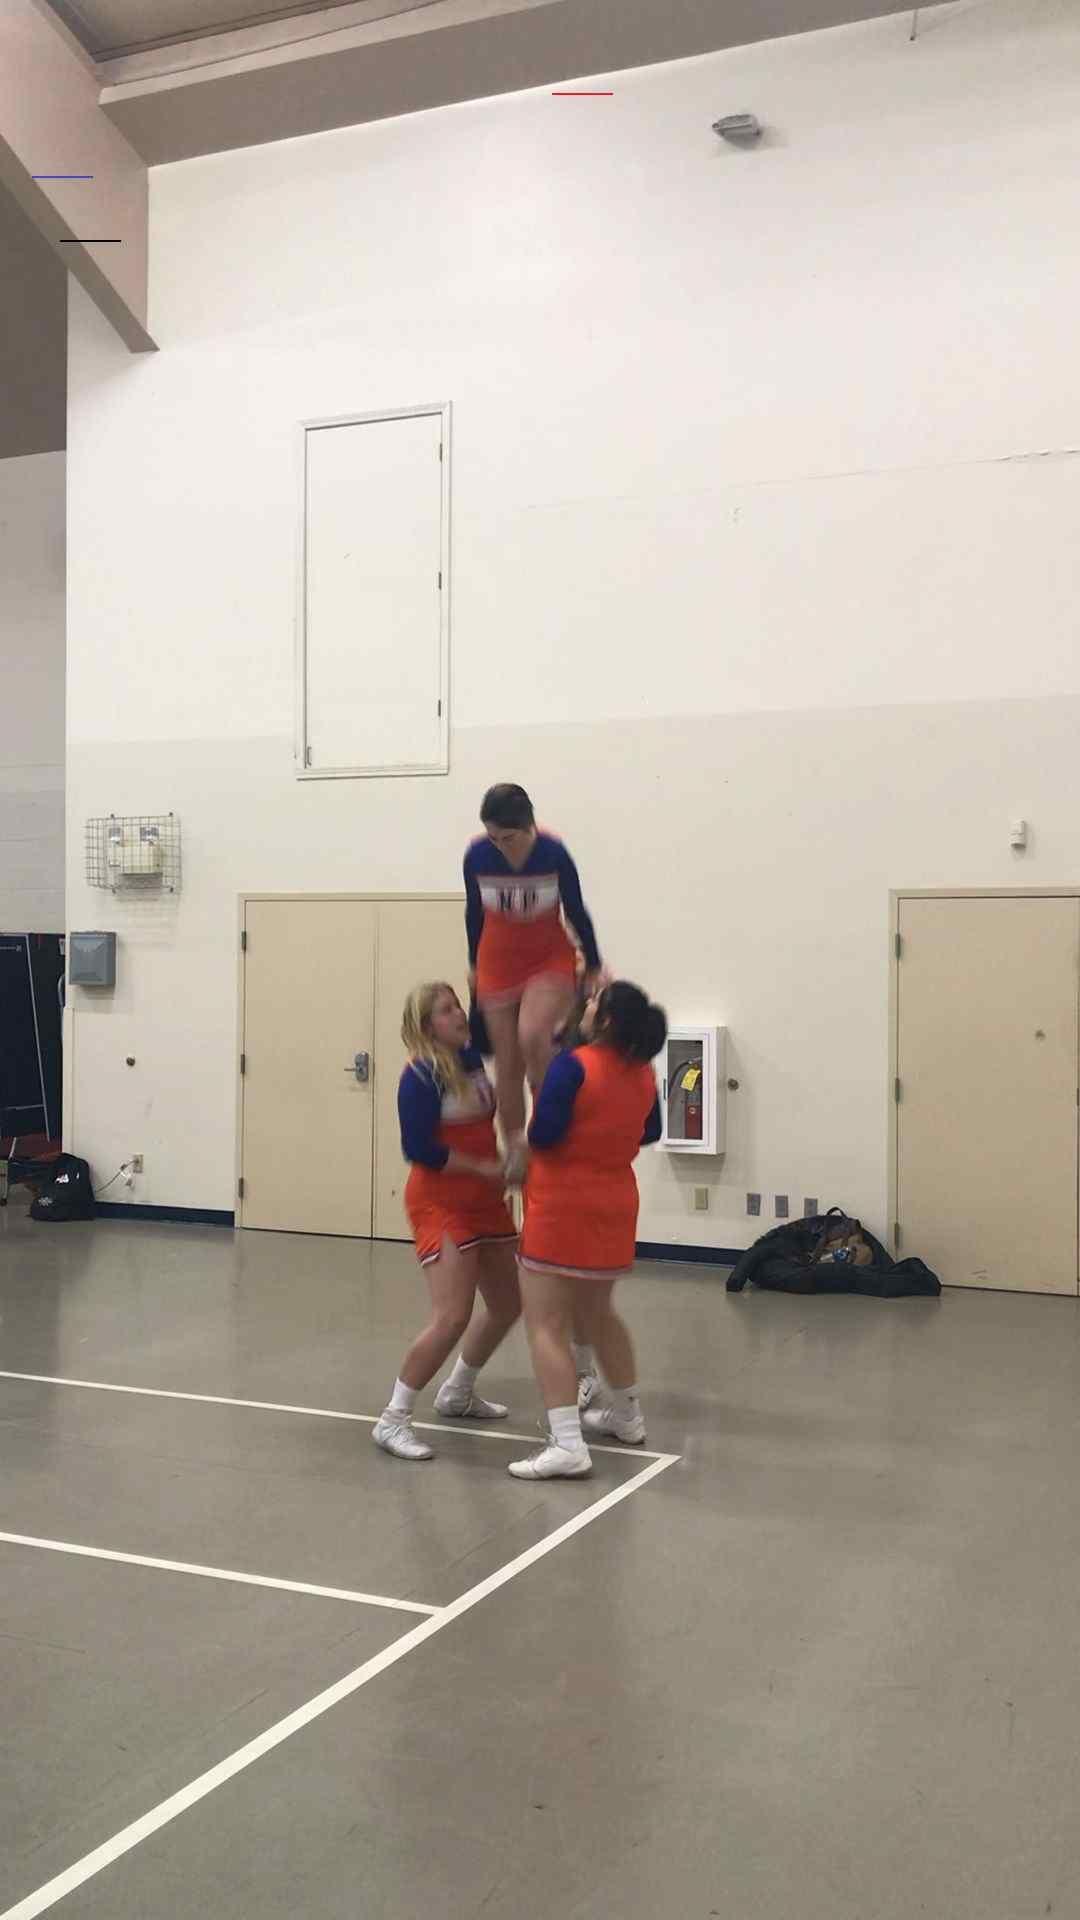 Varsity Cheer Stunt Cheerleadingstunting En 2020 Danseuse Photographie Souplesse